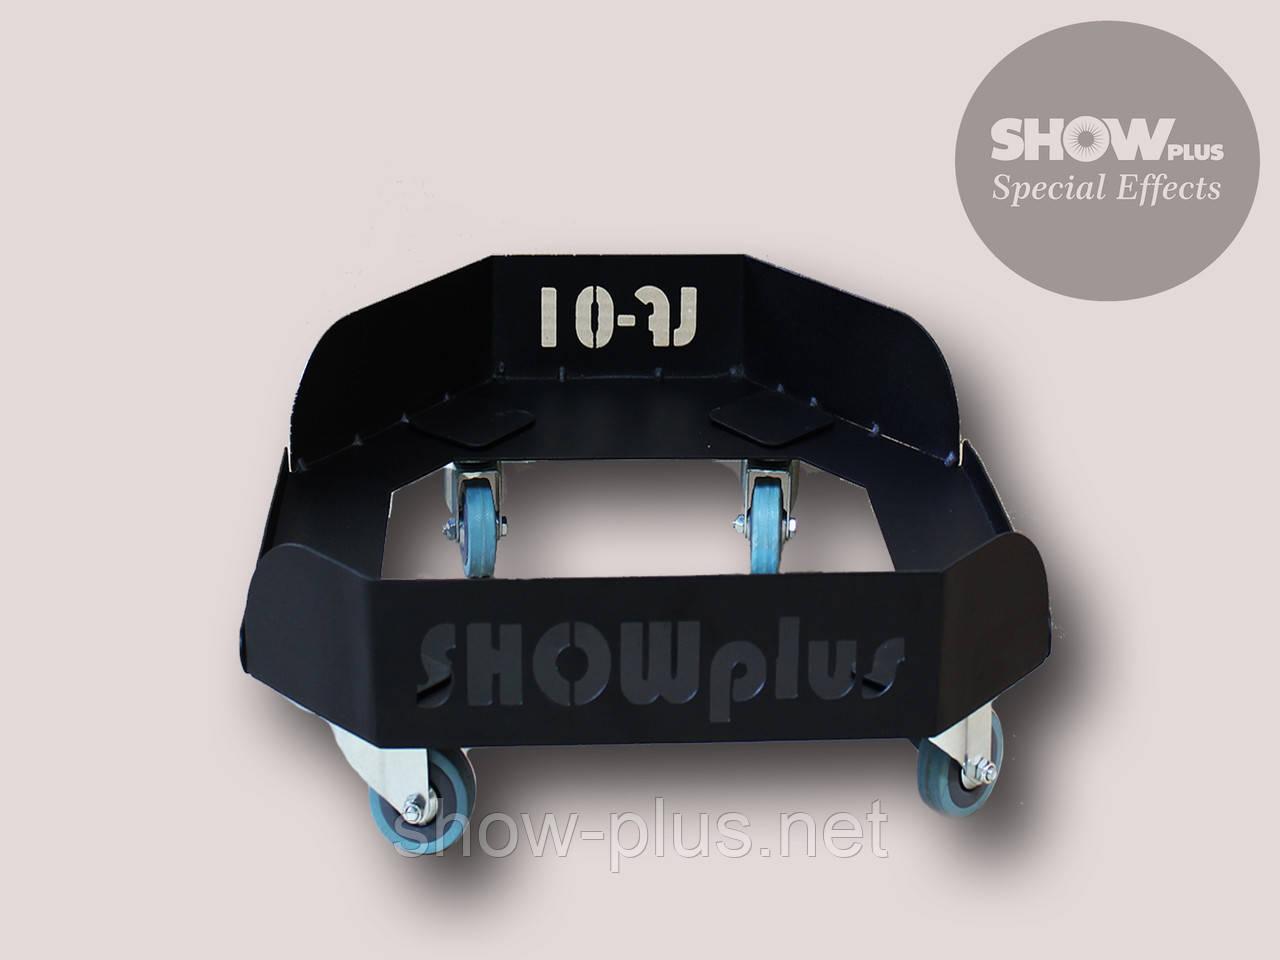 Підставка під генератор важкого диму SHOWplus Mobile Stand